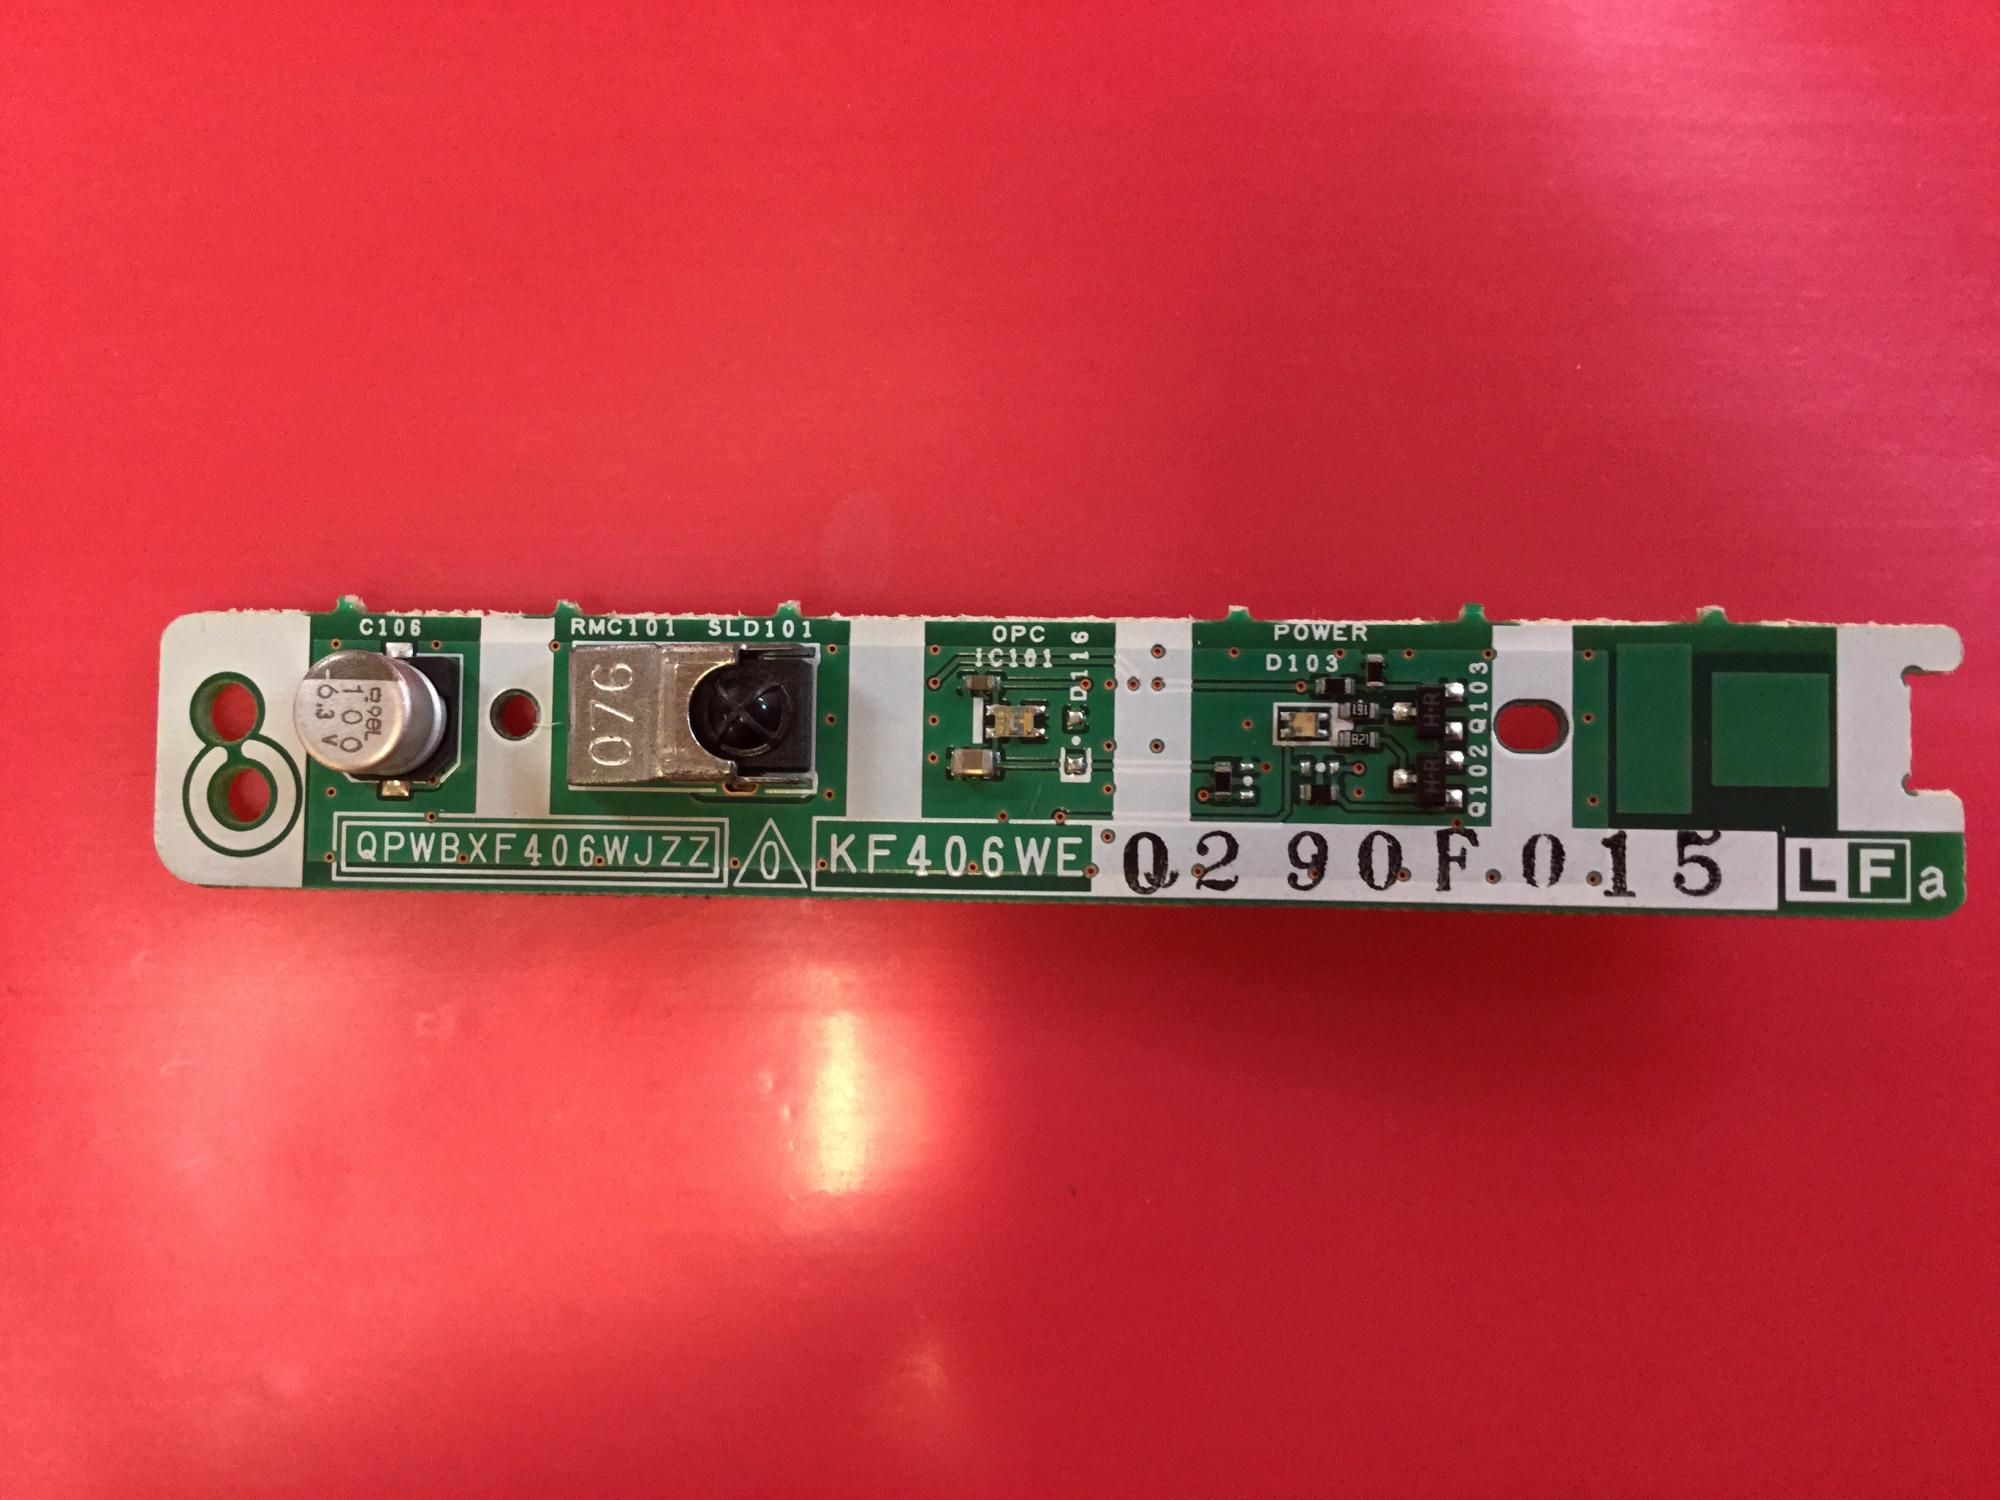 Qpwbxf406wjzz Ir Remote Control Sensor For Sharp Lc 32a37m Circuit